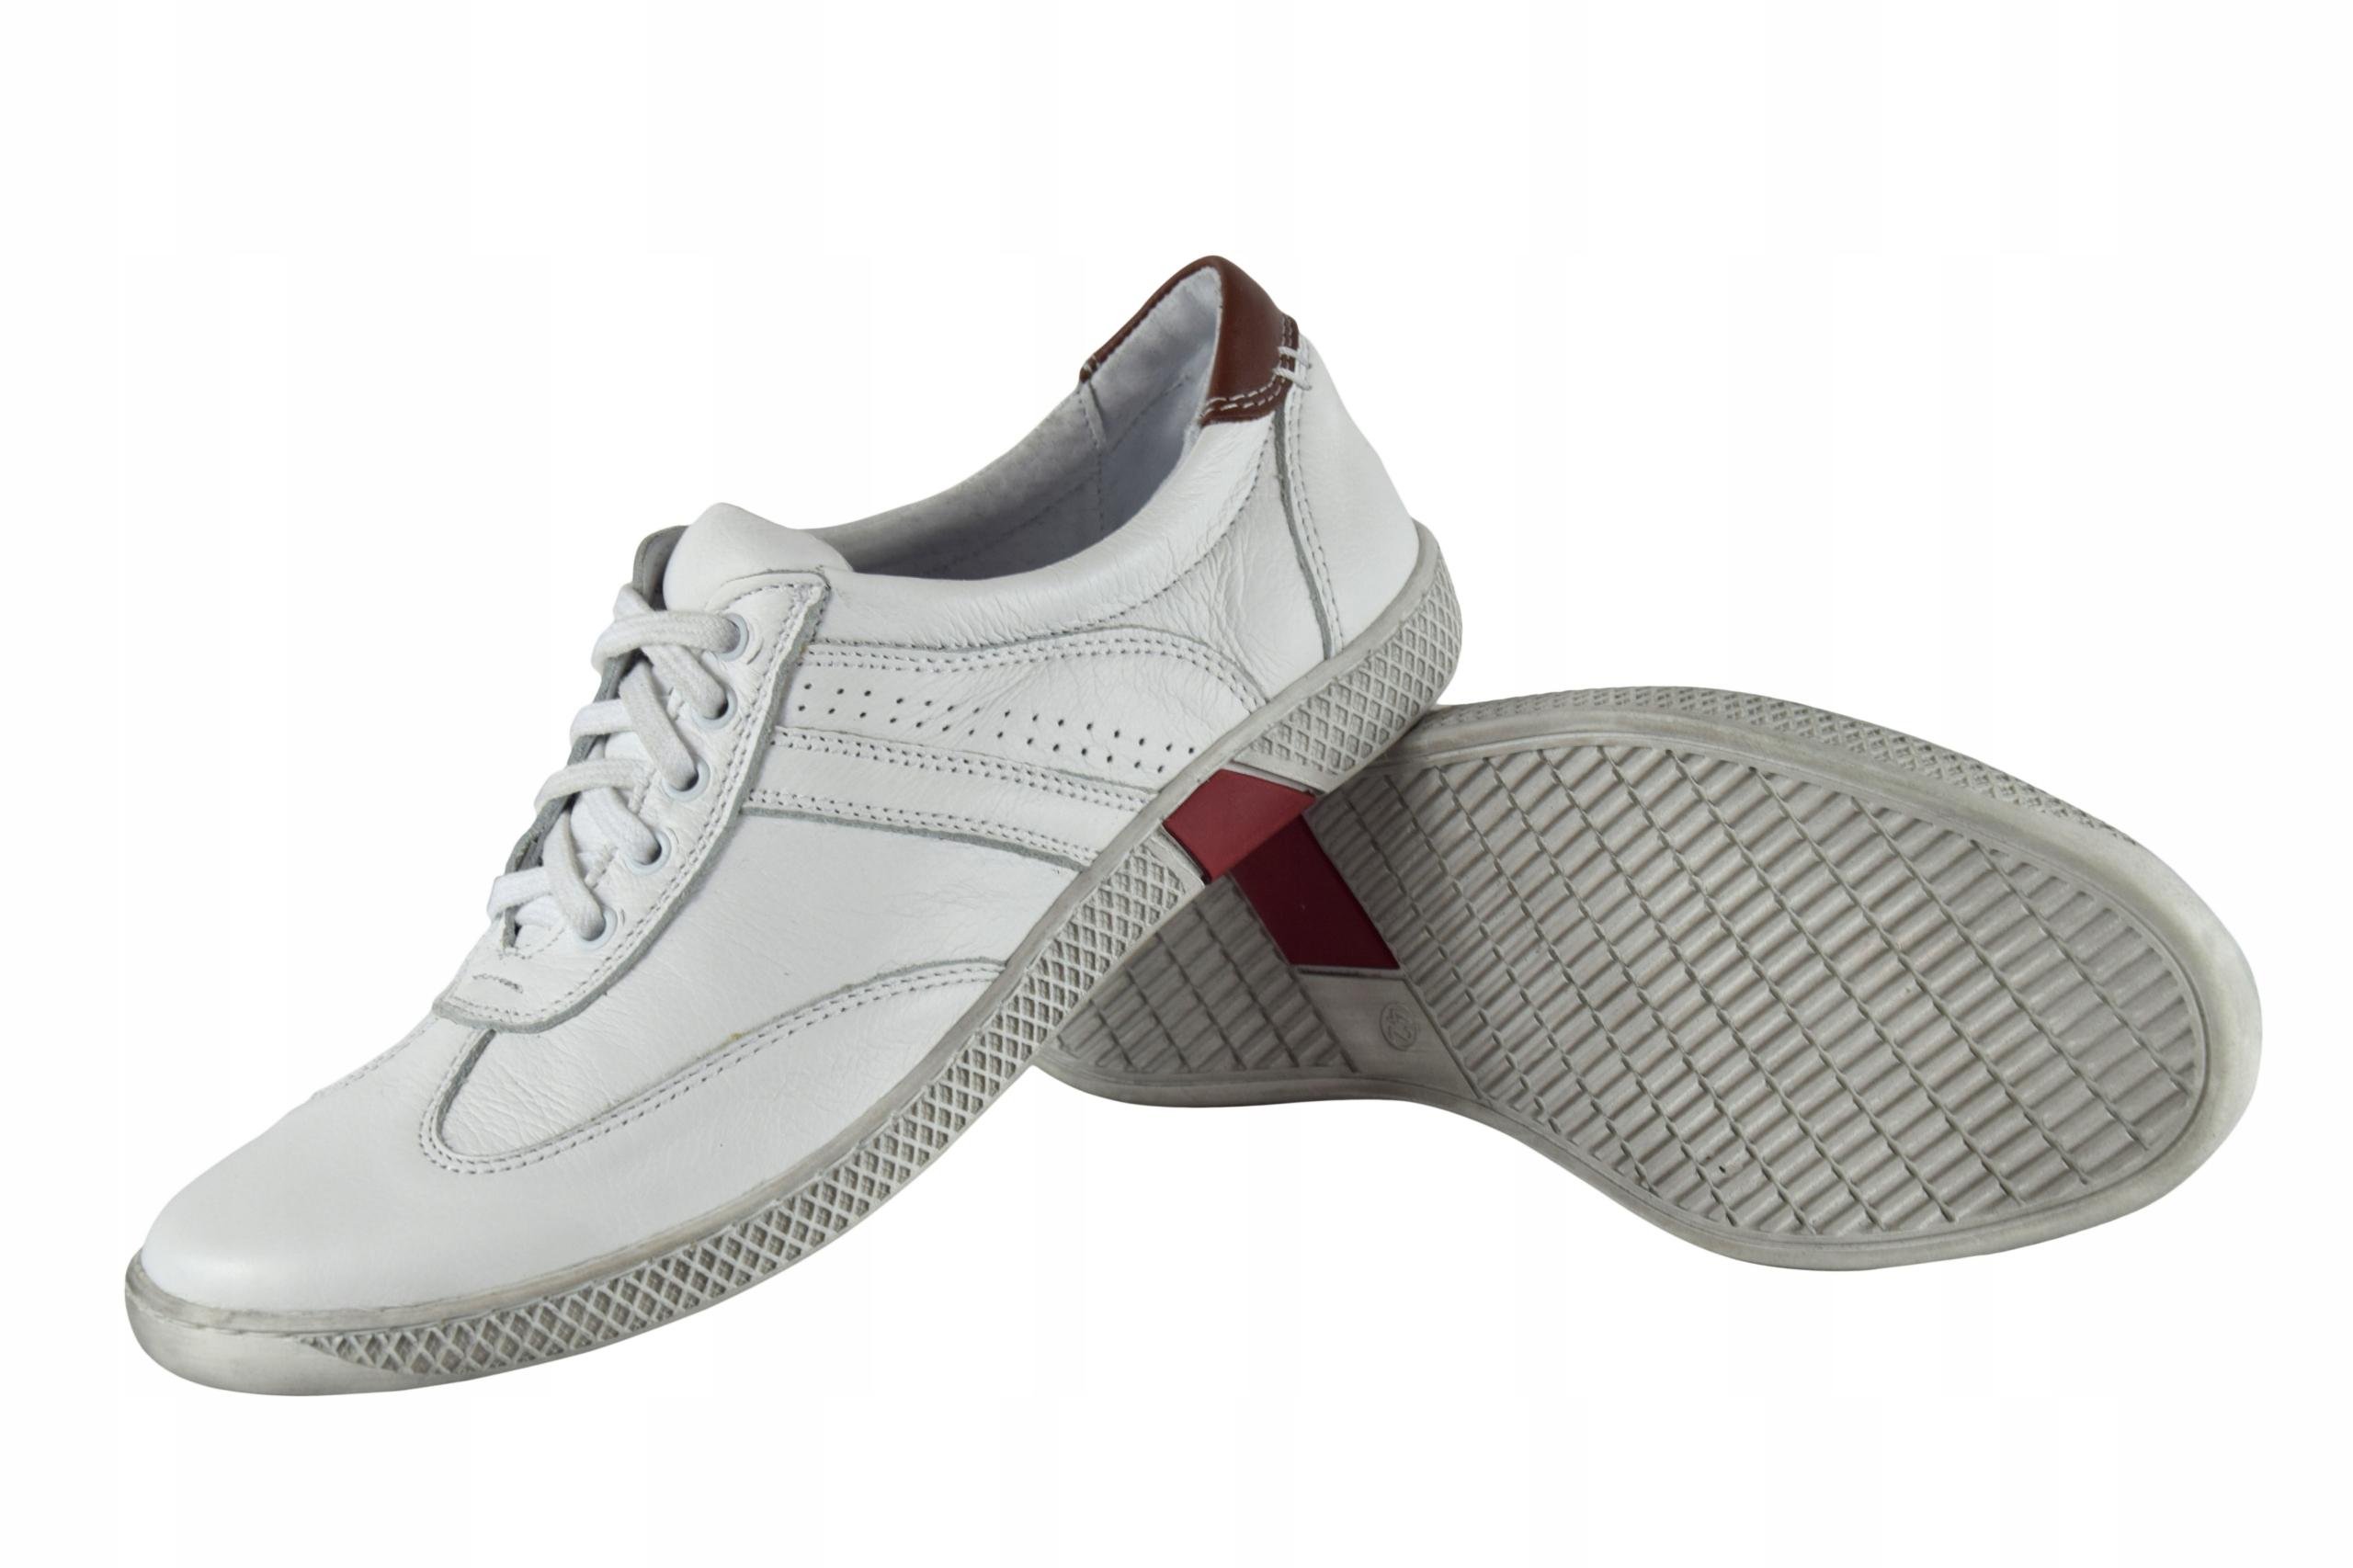 Skórzane męskie białe sznurowane buty męskie 0446 Rozmiar 44